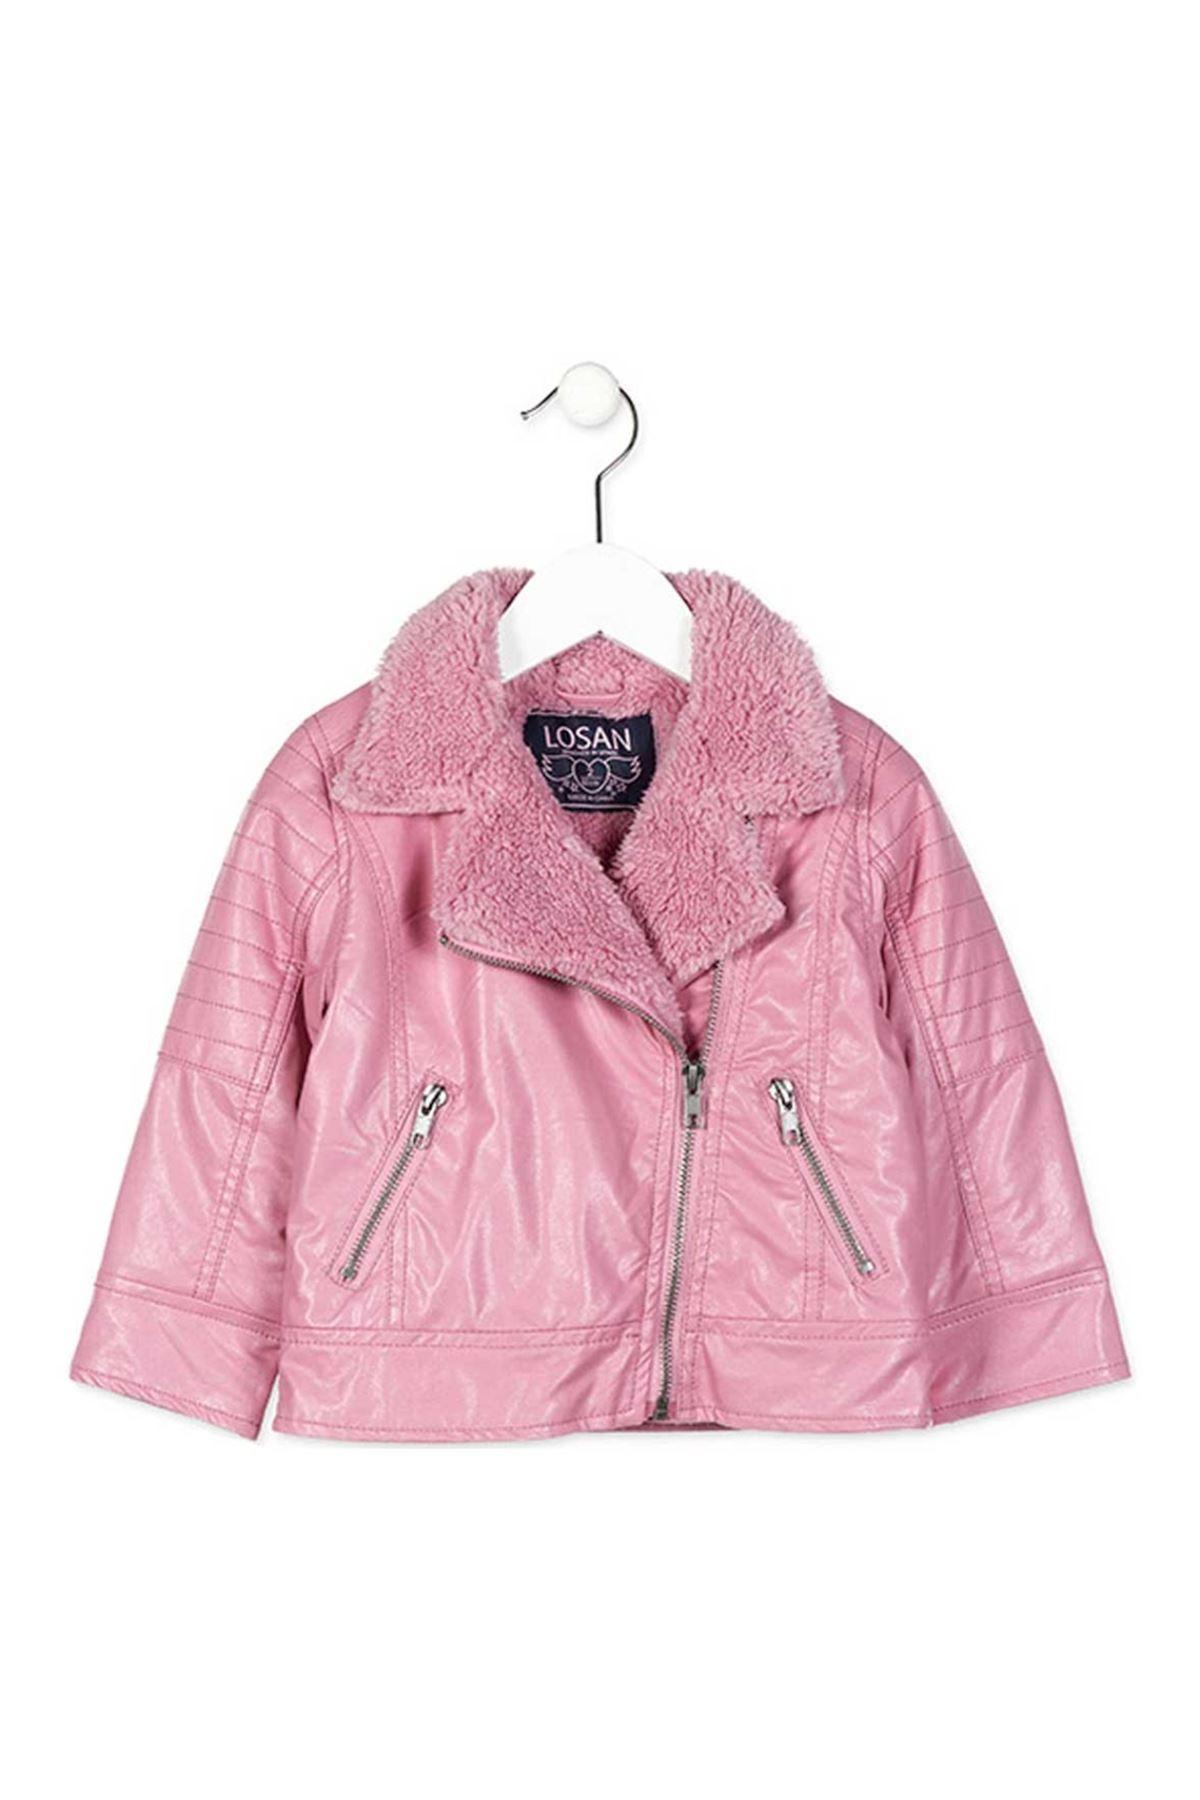 Losan Kız Çocuk Kışlık Deri Mont 057-8262007-021